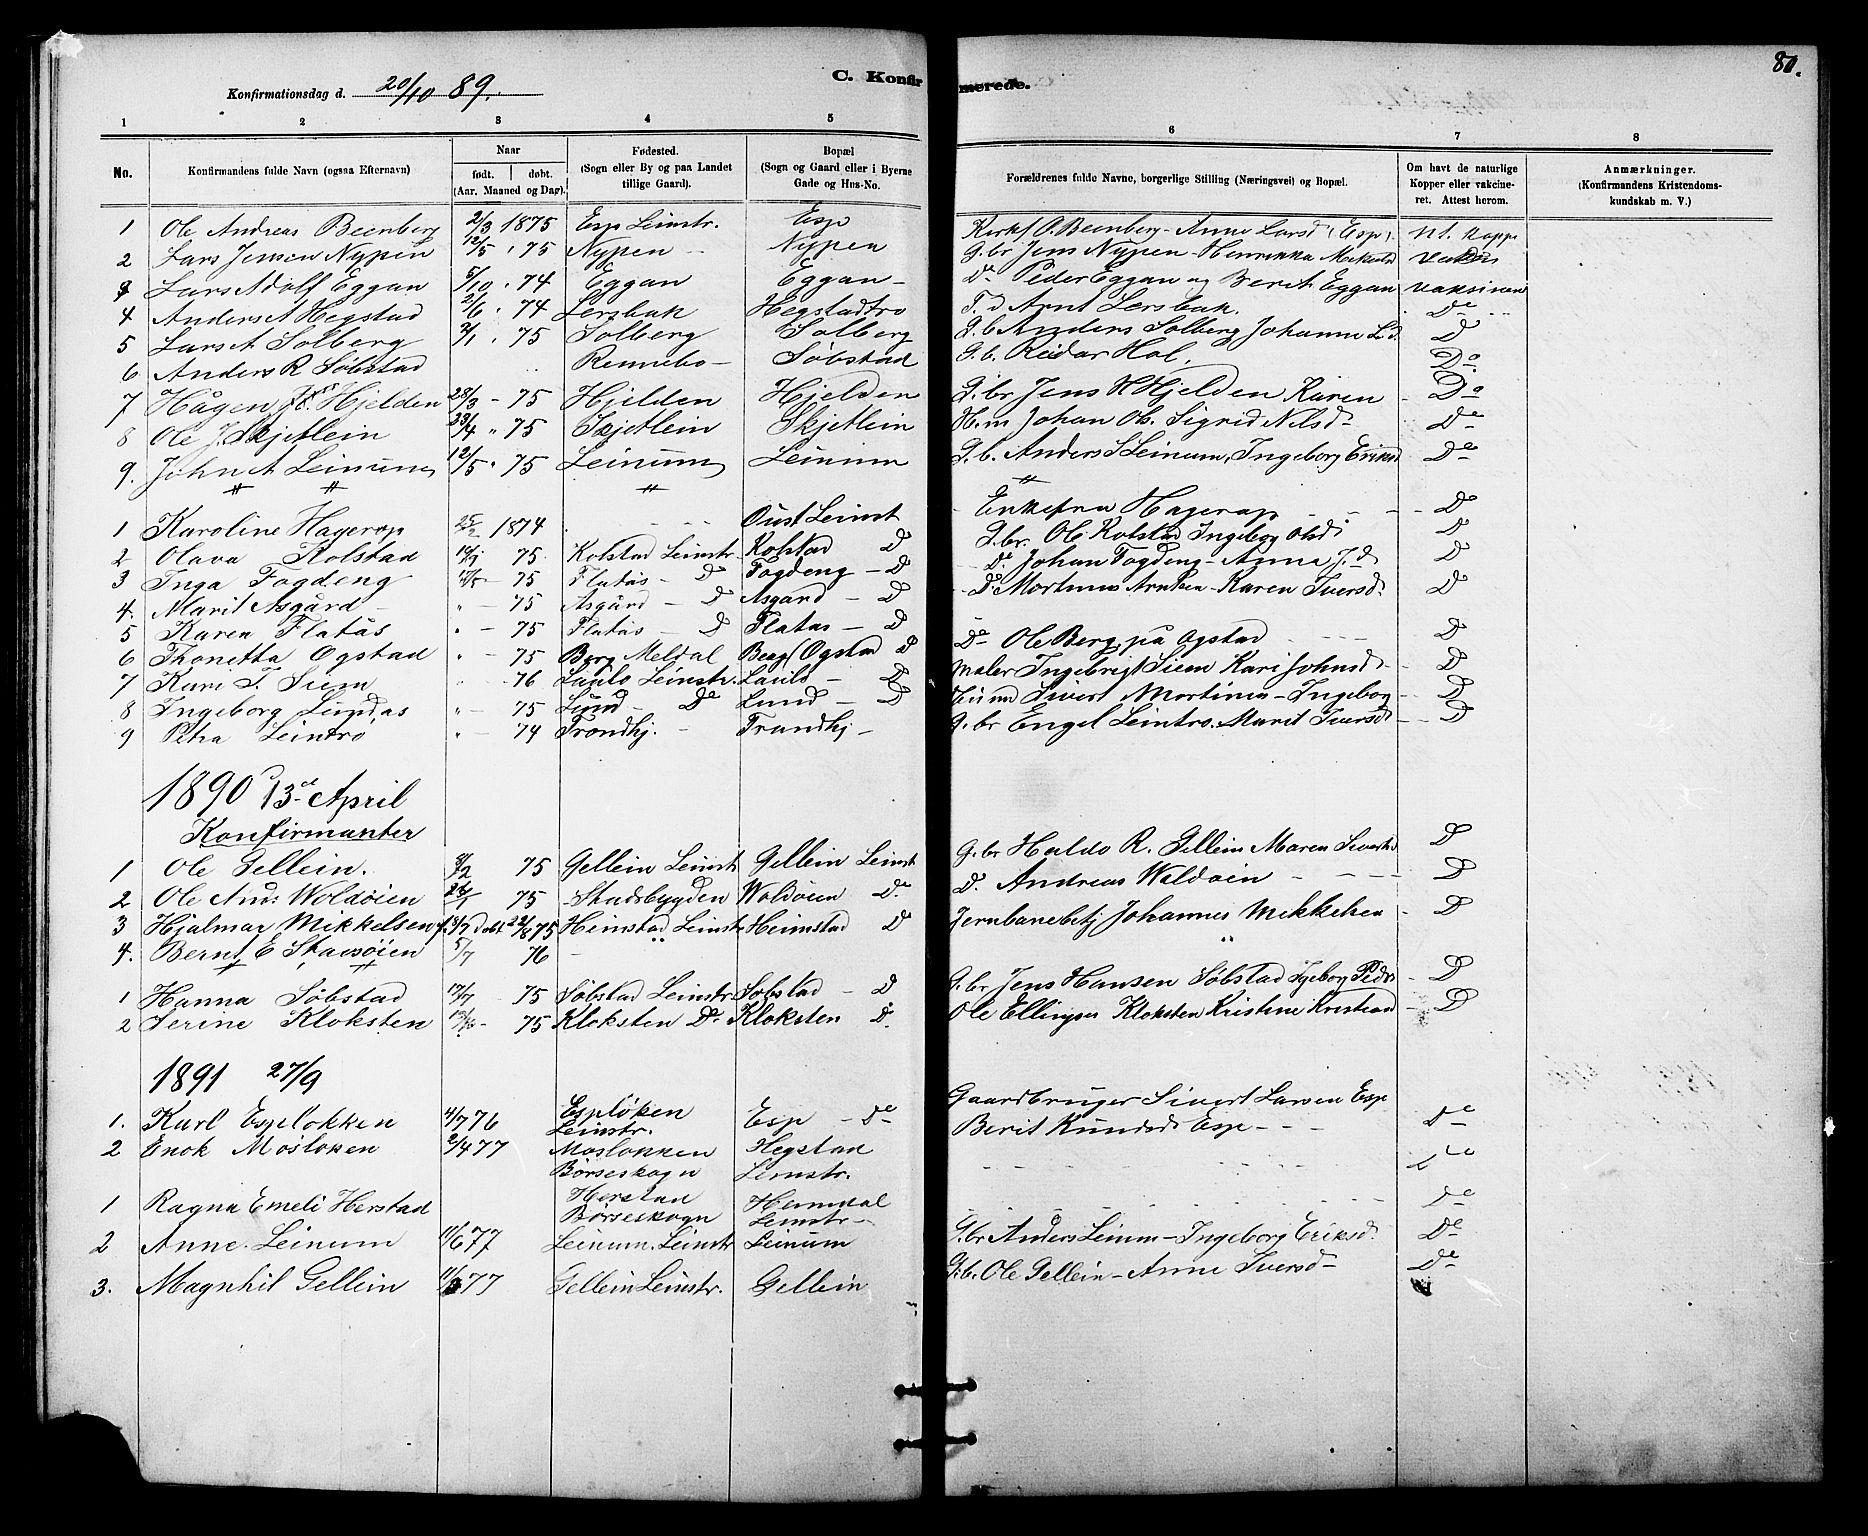 SAT, Ministerialprotokoller, klokkerbøker og fødselsregistre - Sør-Trøndelag, 613/L0395: Klokkerbok nr. 613C03, 1887-1909, s. 80